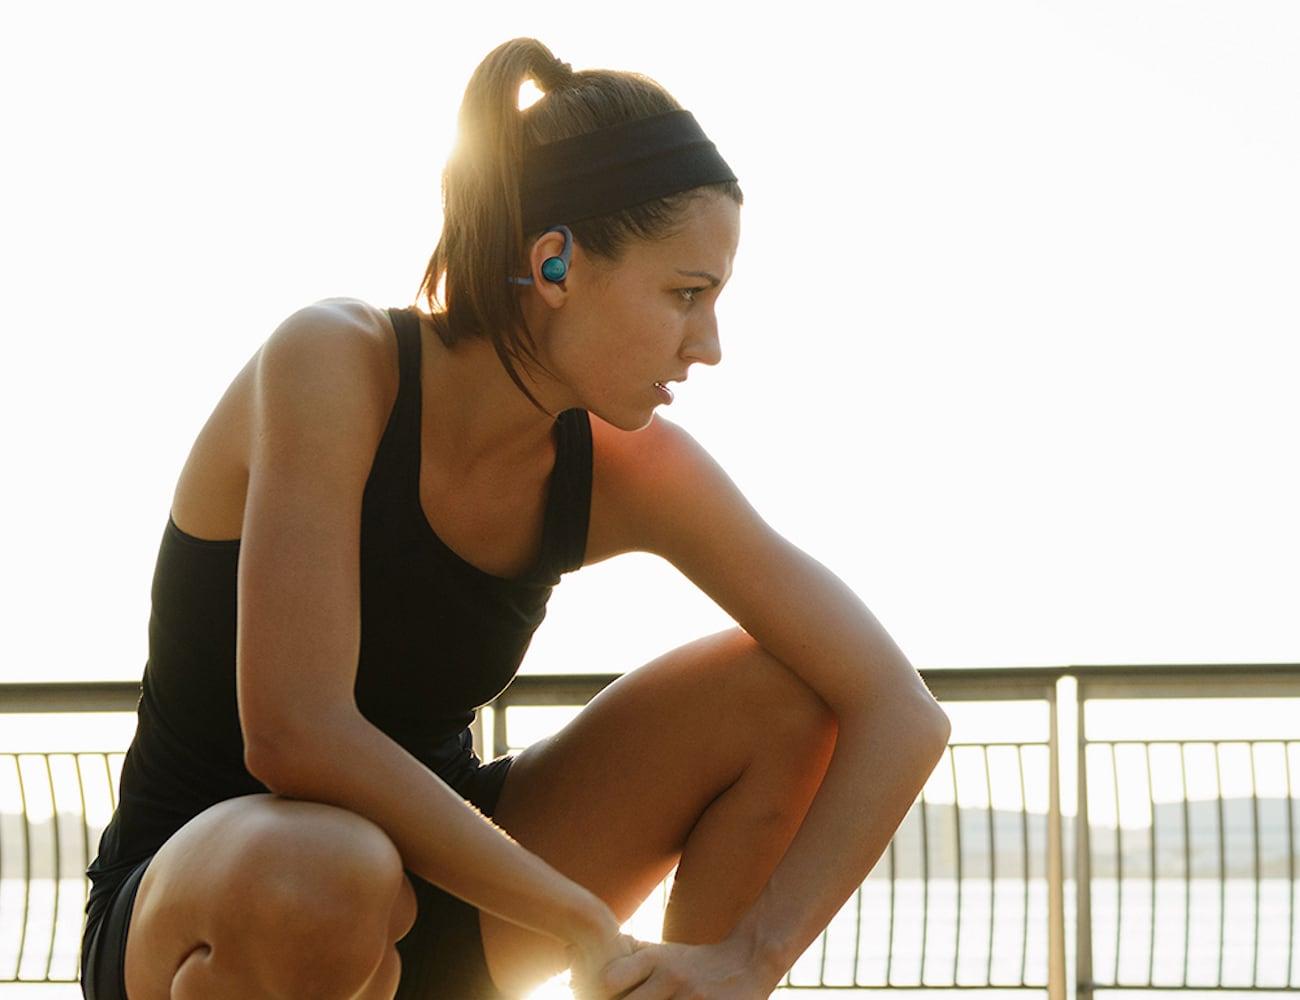 Poly BackBeat FIT 2100 Wireless Sport Headphones